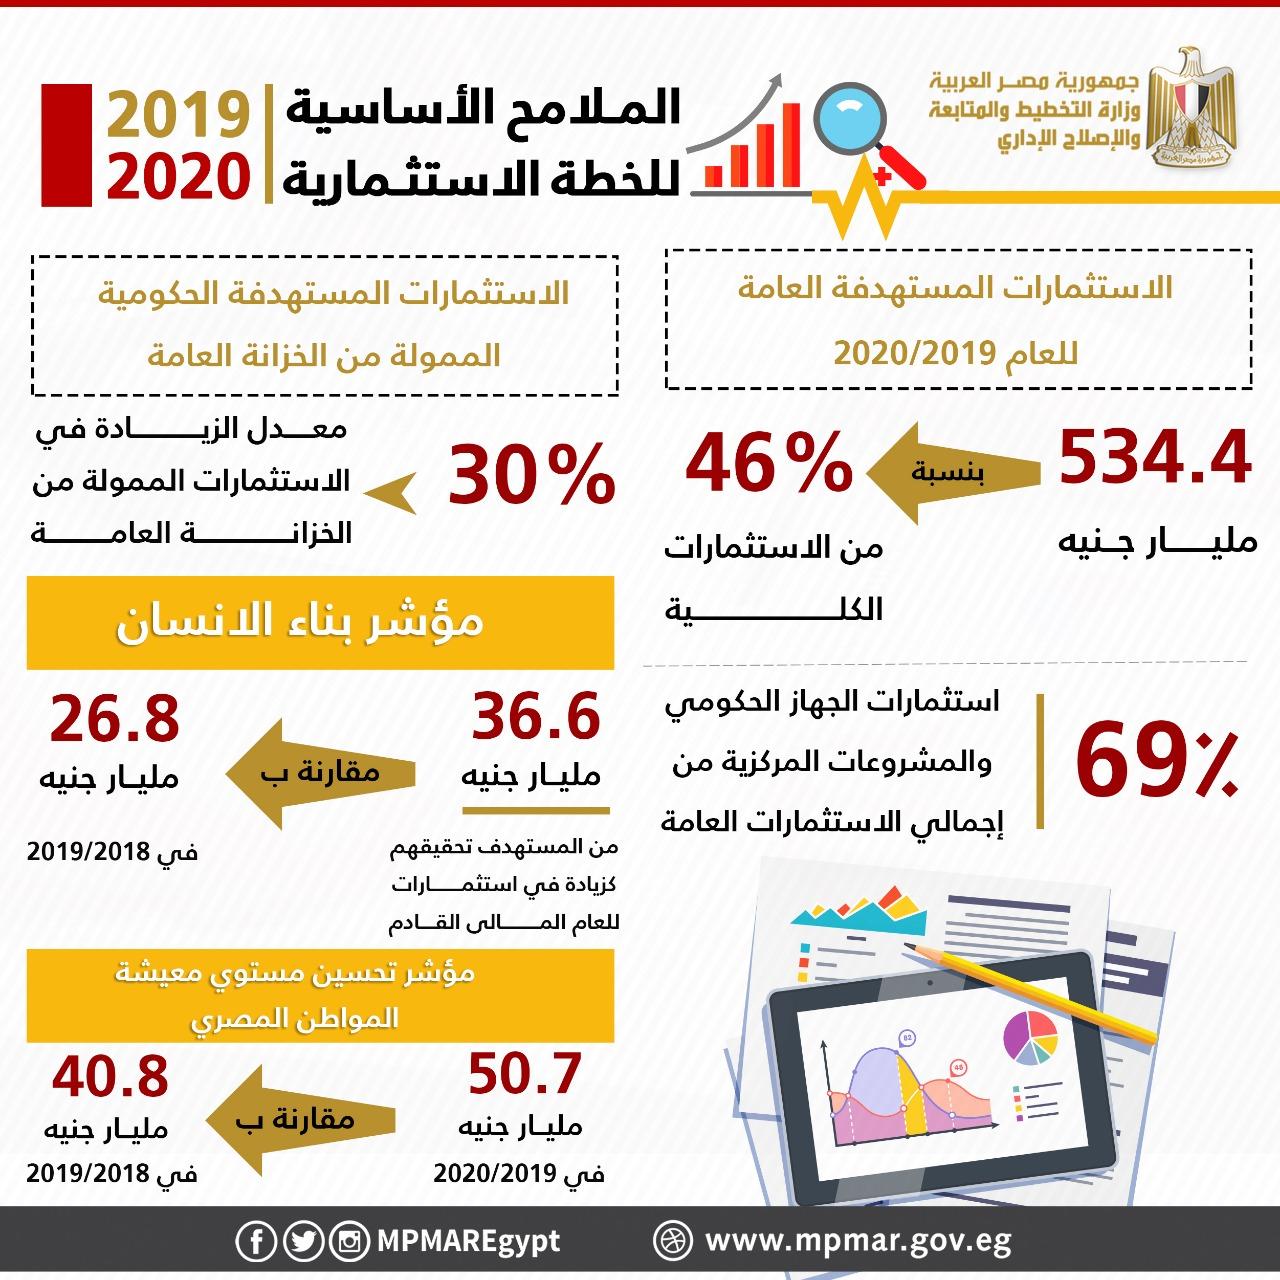 الدكتورة هالة السعيد وزيرة التخطيط (1)